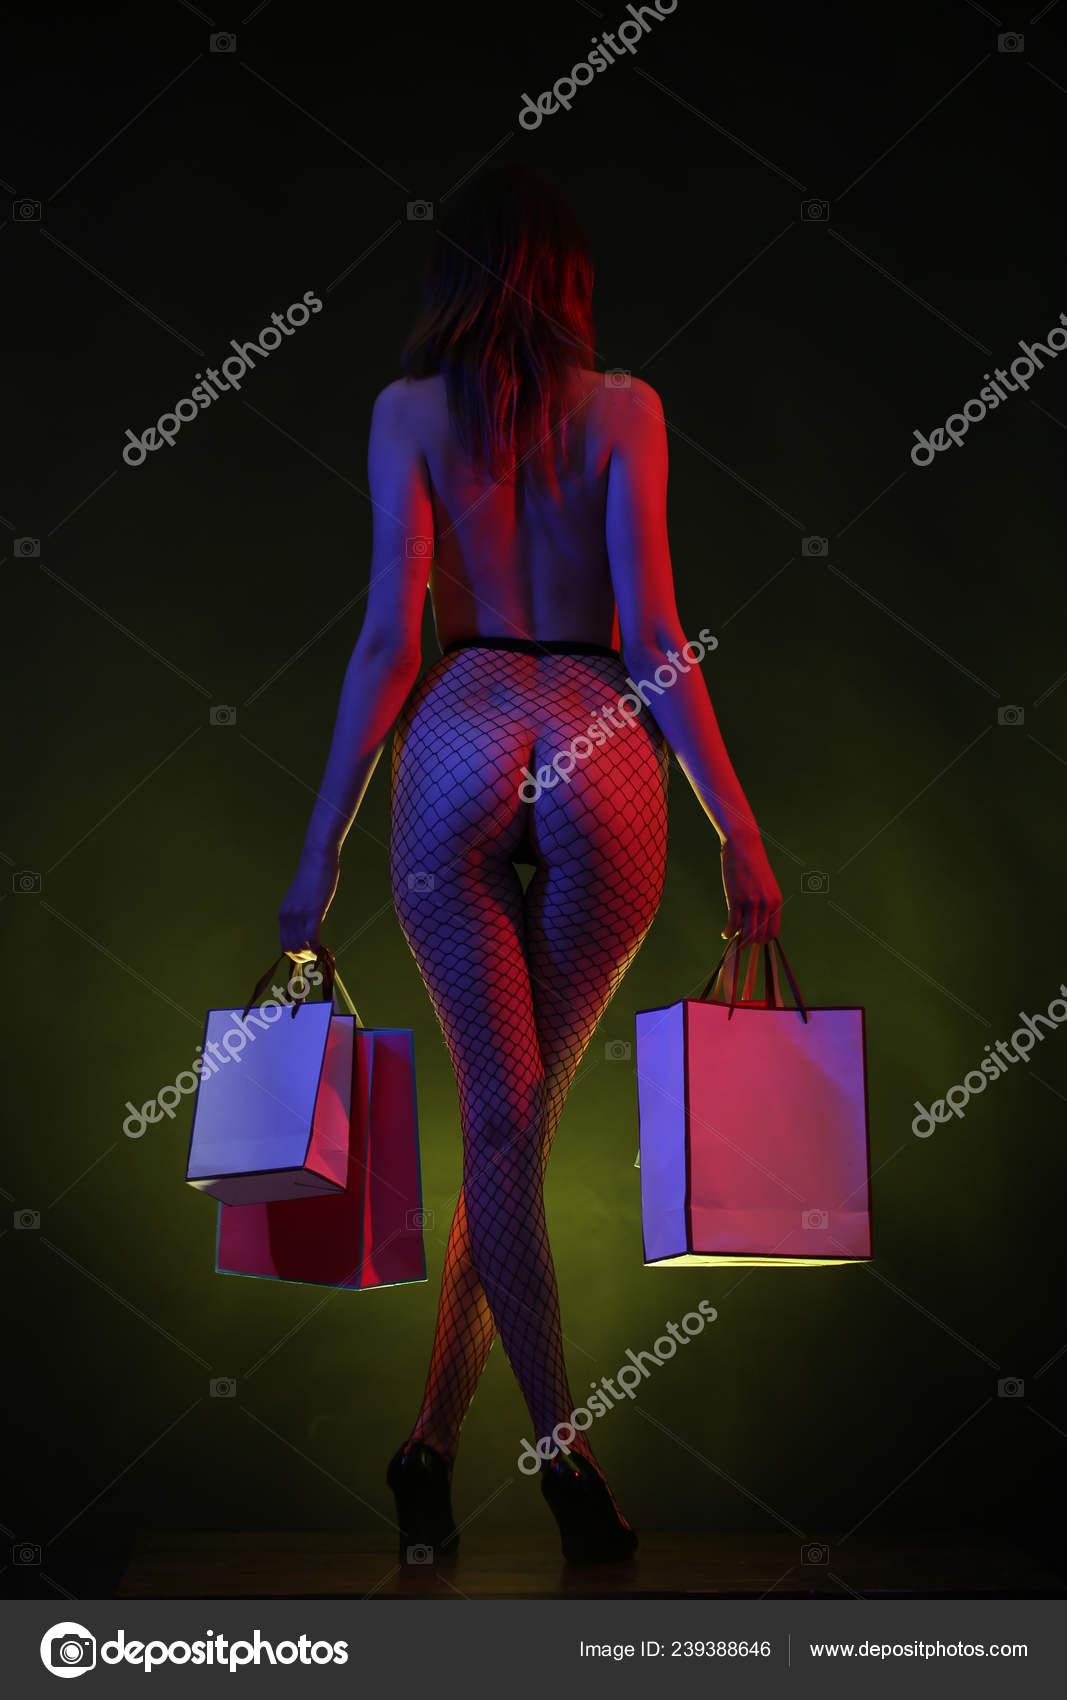 eroticheskie-magazin-foto-upitannie-krasotki